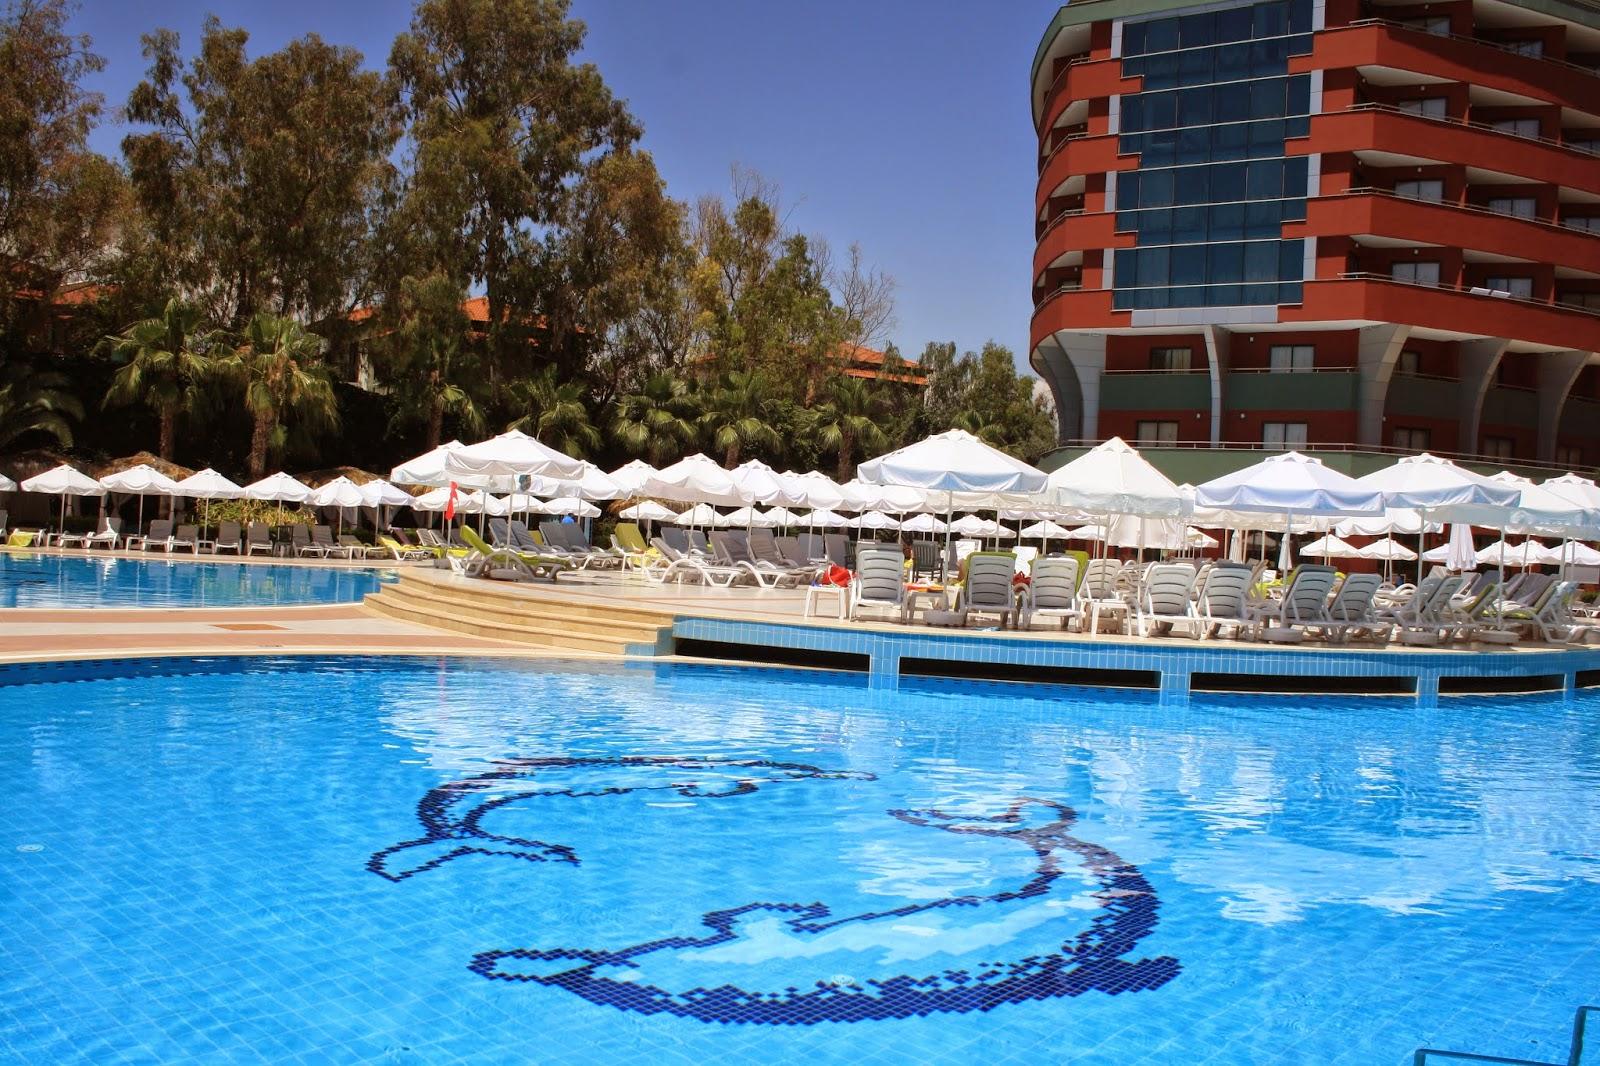 Ruhepool Delphin DeLuxe Resort Türkei